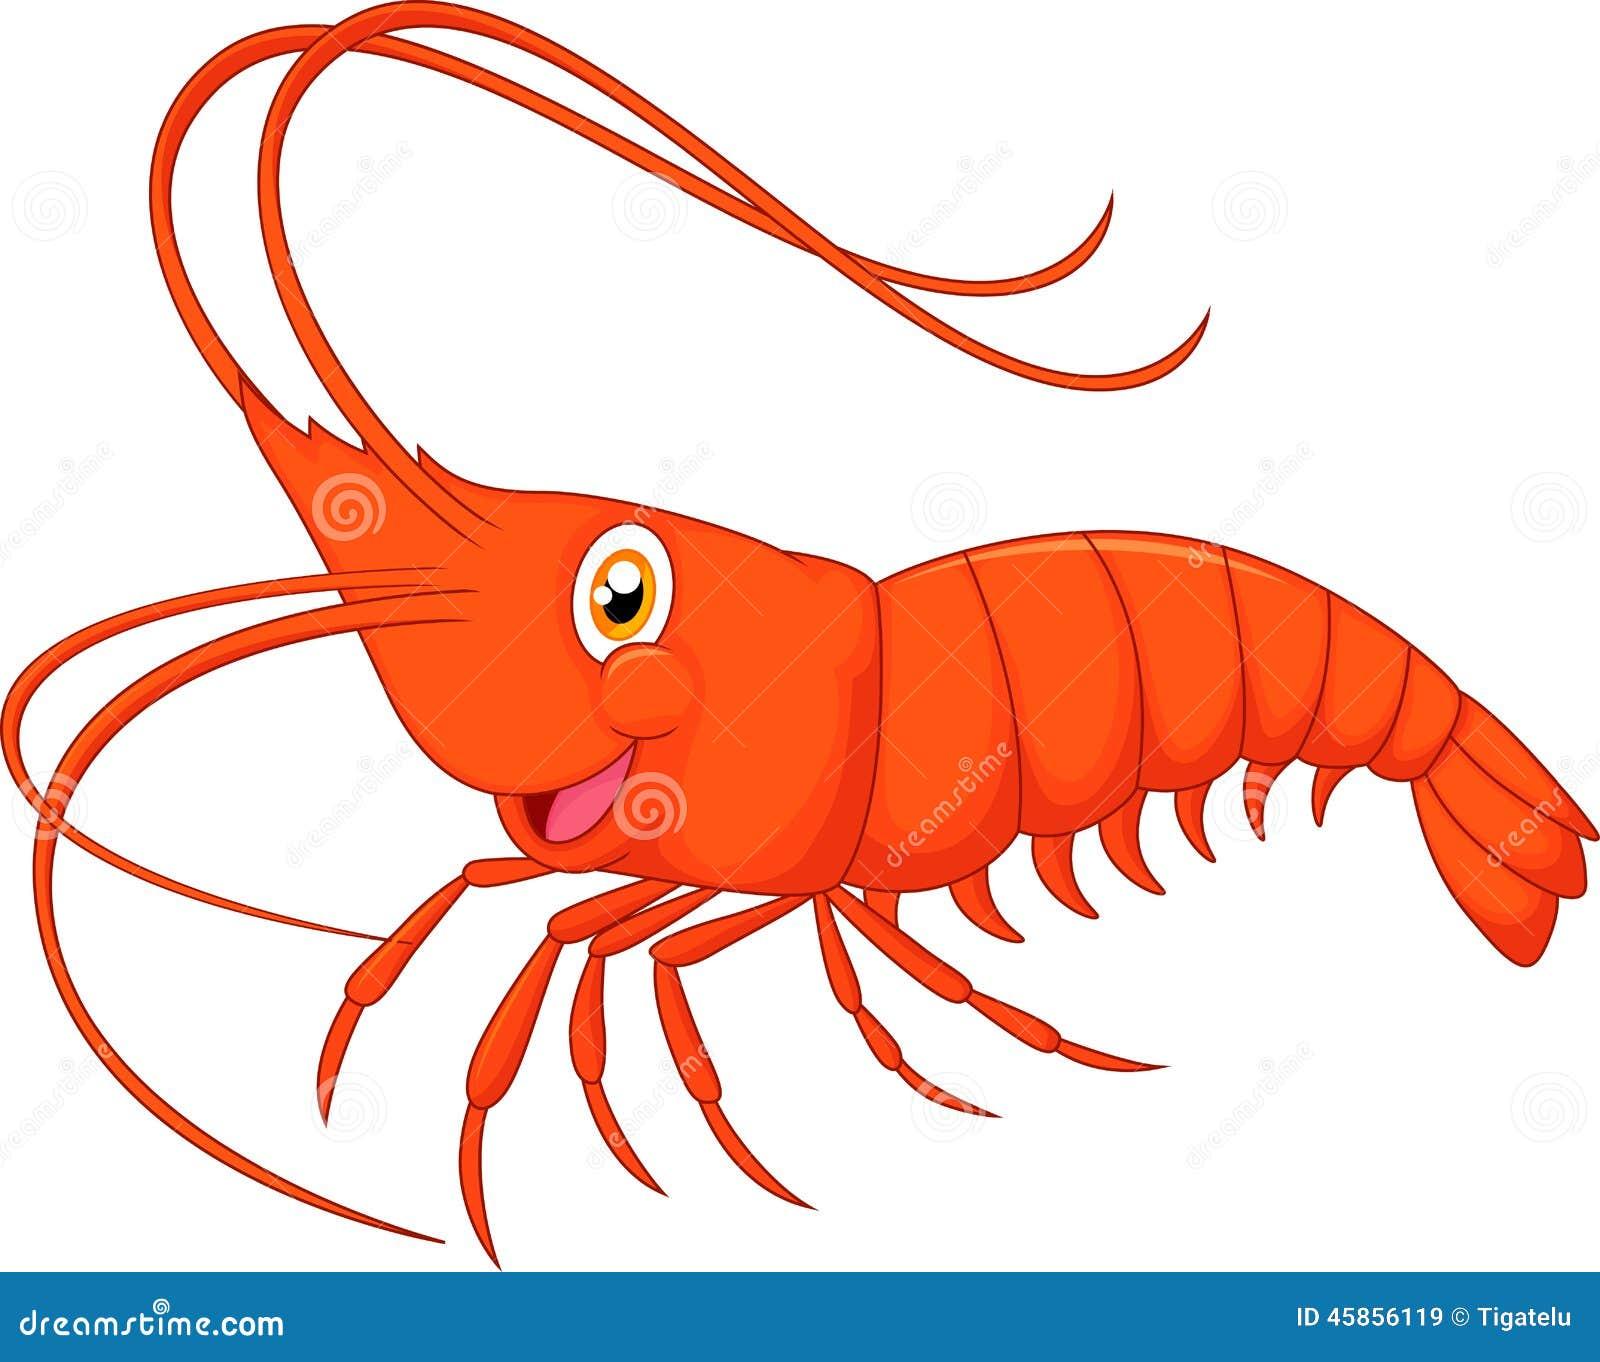 Cute Cartoon Shrimp Stock Vector - Image: 45856119